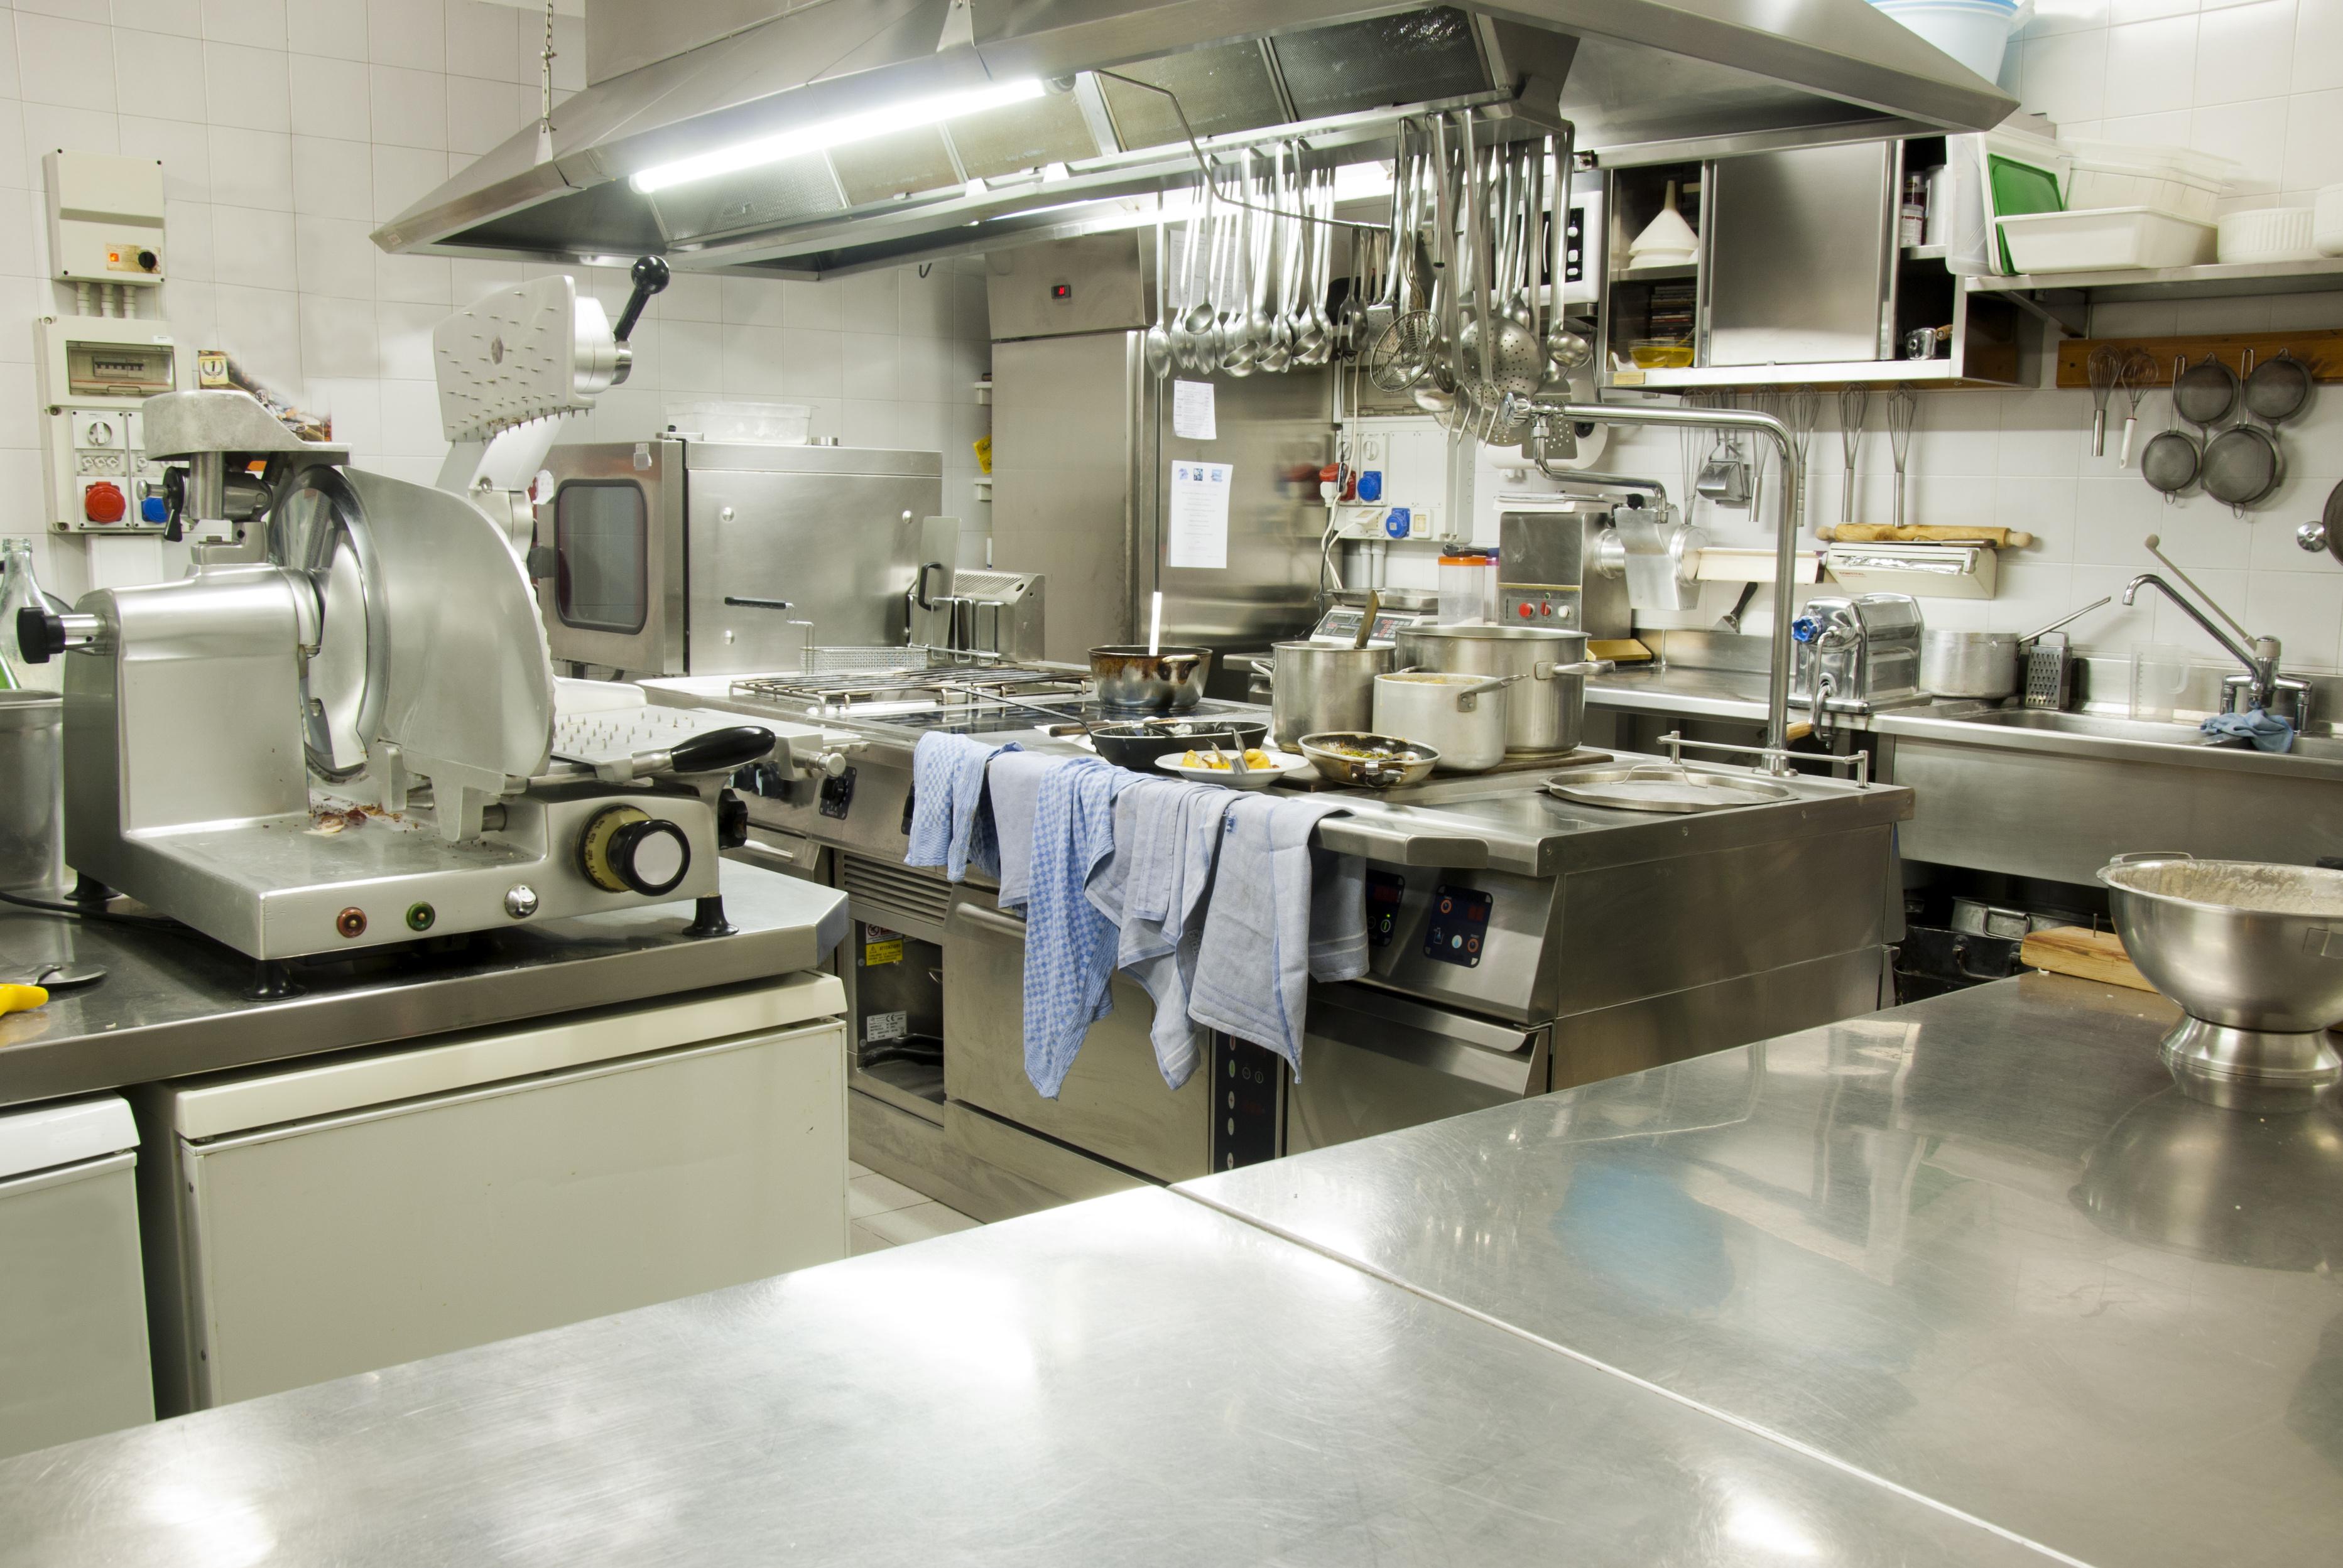 le linee guida per lallestimento delle cucine professionali